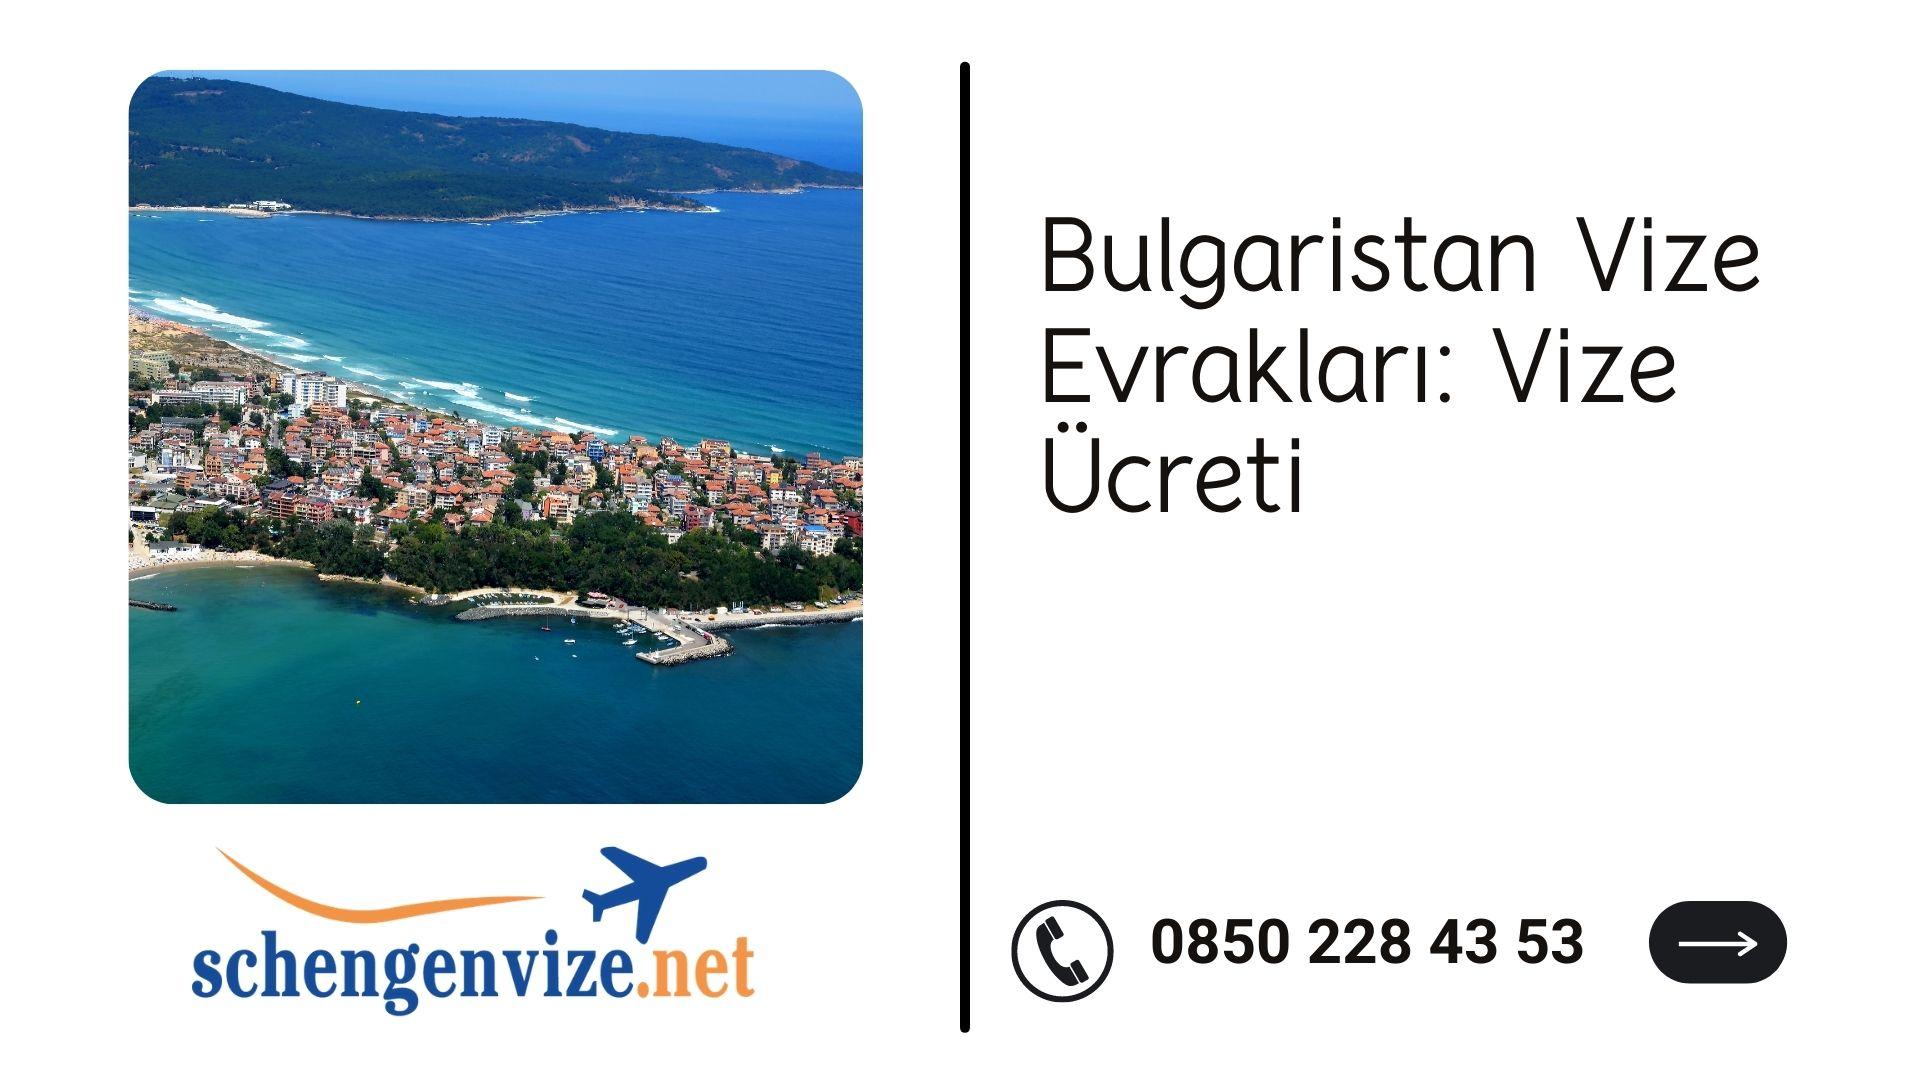 Bulgaristan Vize Evrakları: Vize Ücreti 2021